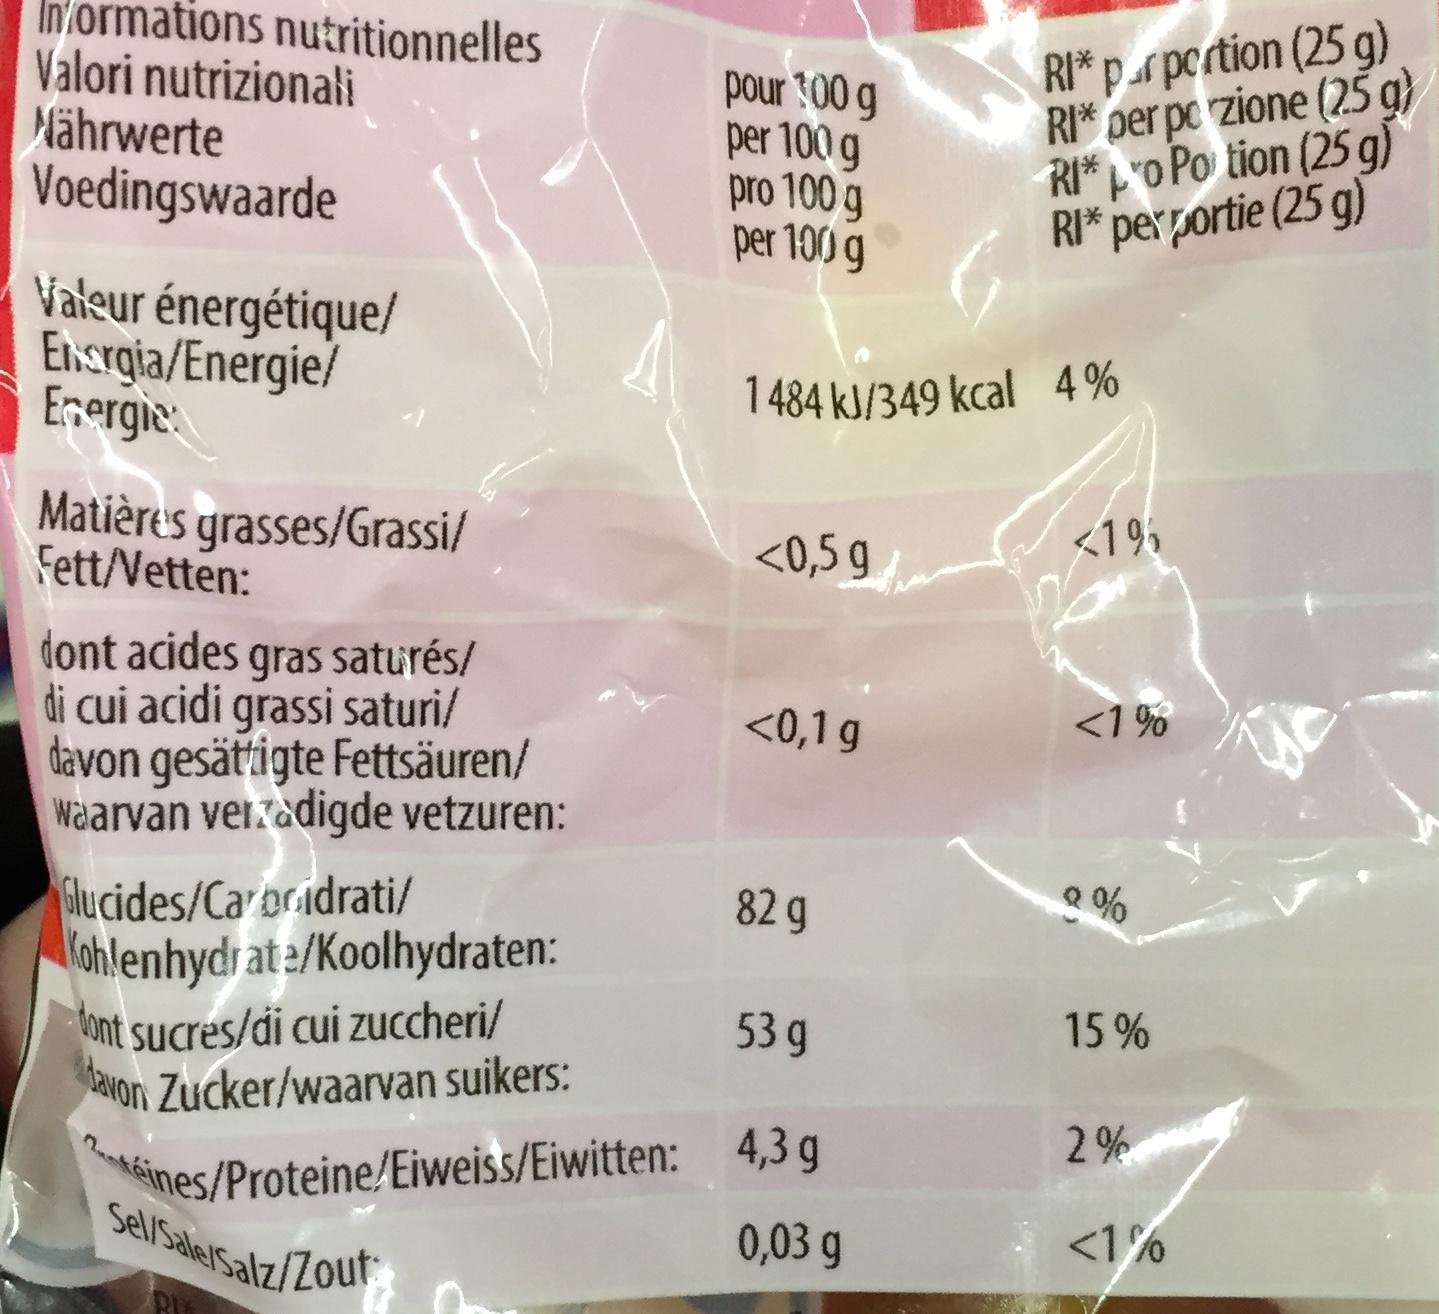 Déli'Cup - Informations nutritionnelles - fr